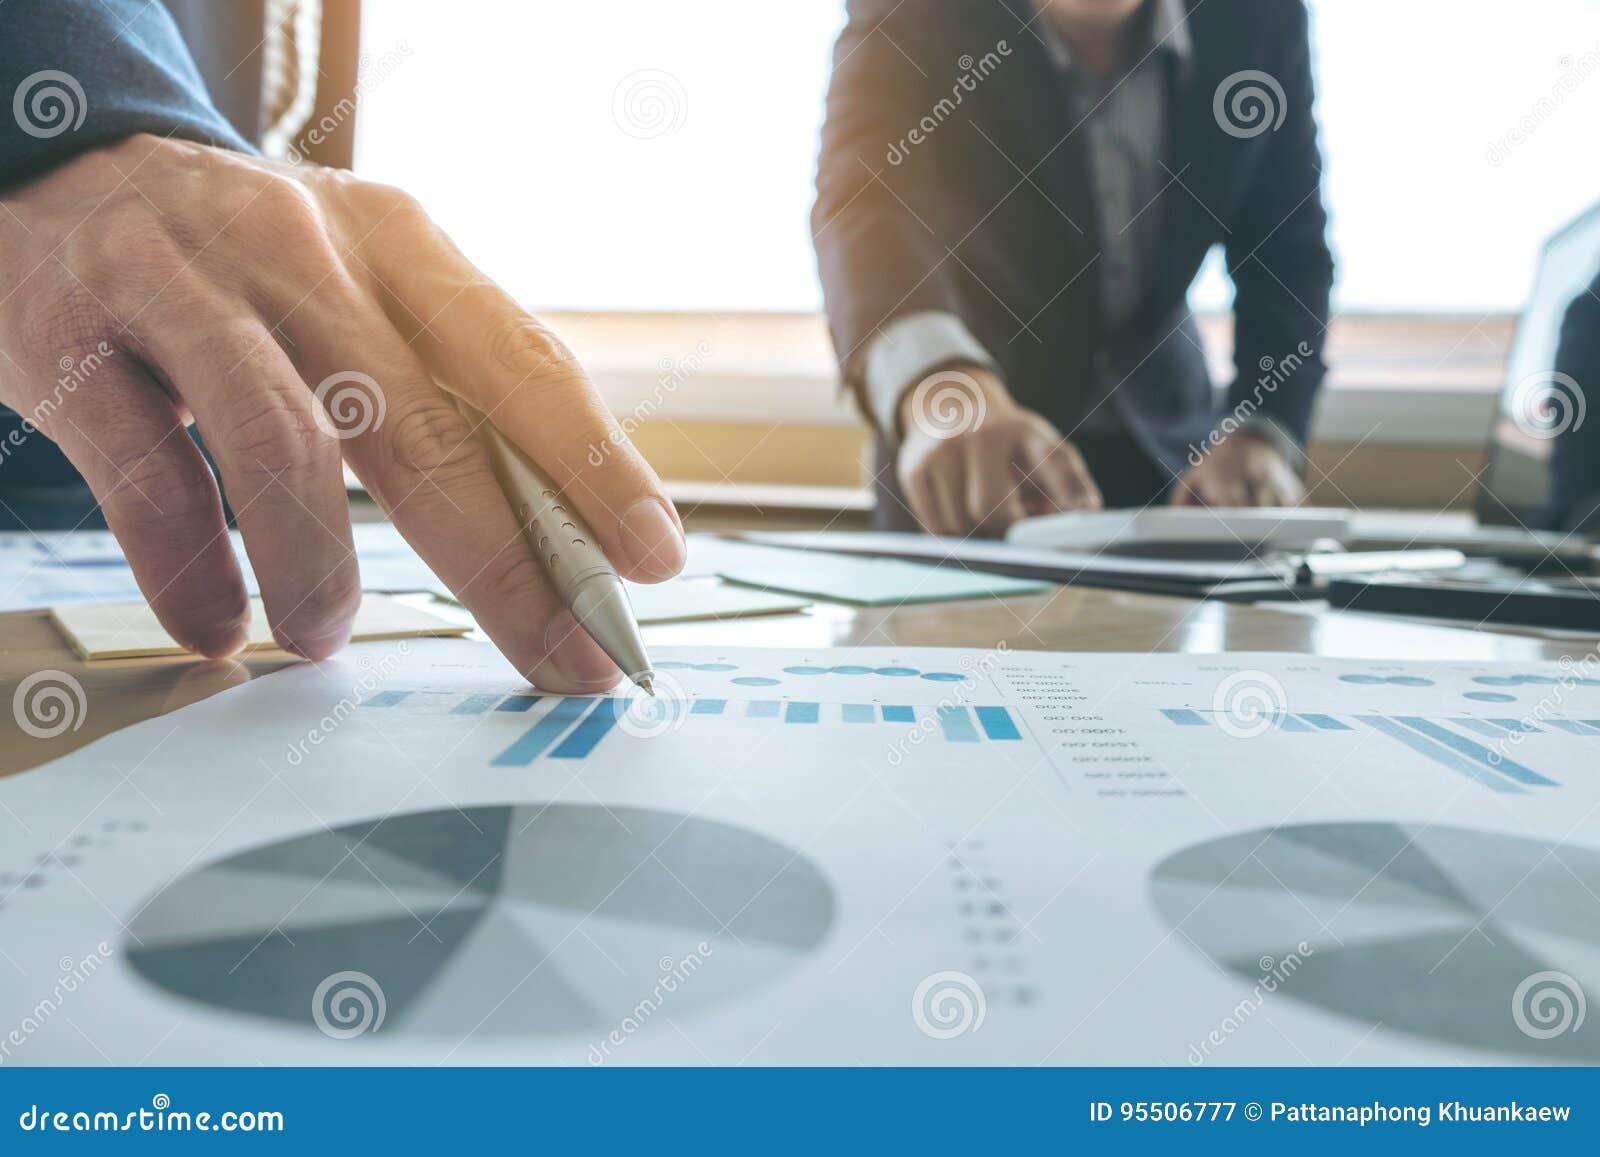 Gåva för affärslagmöte ny idé för sekreterarepresentation och dananderapport till den yrkesmässiga aktieägaren med nytt finanspro